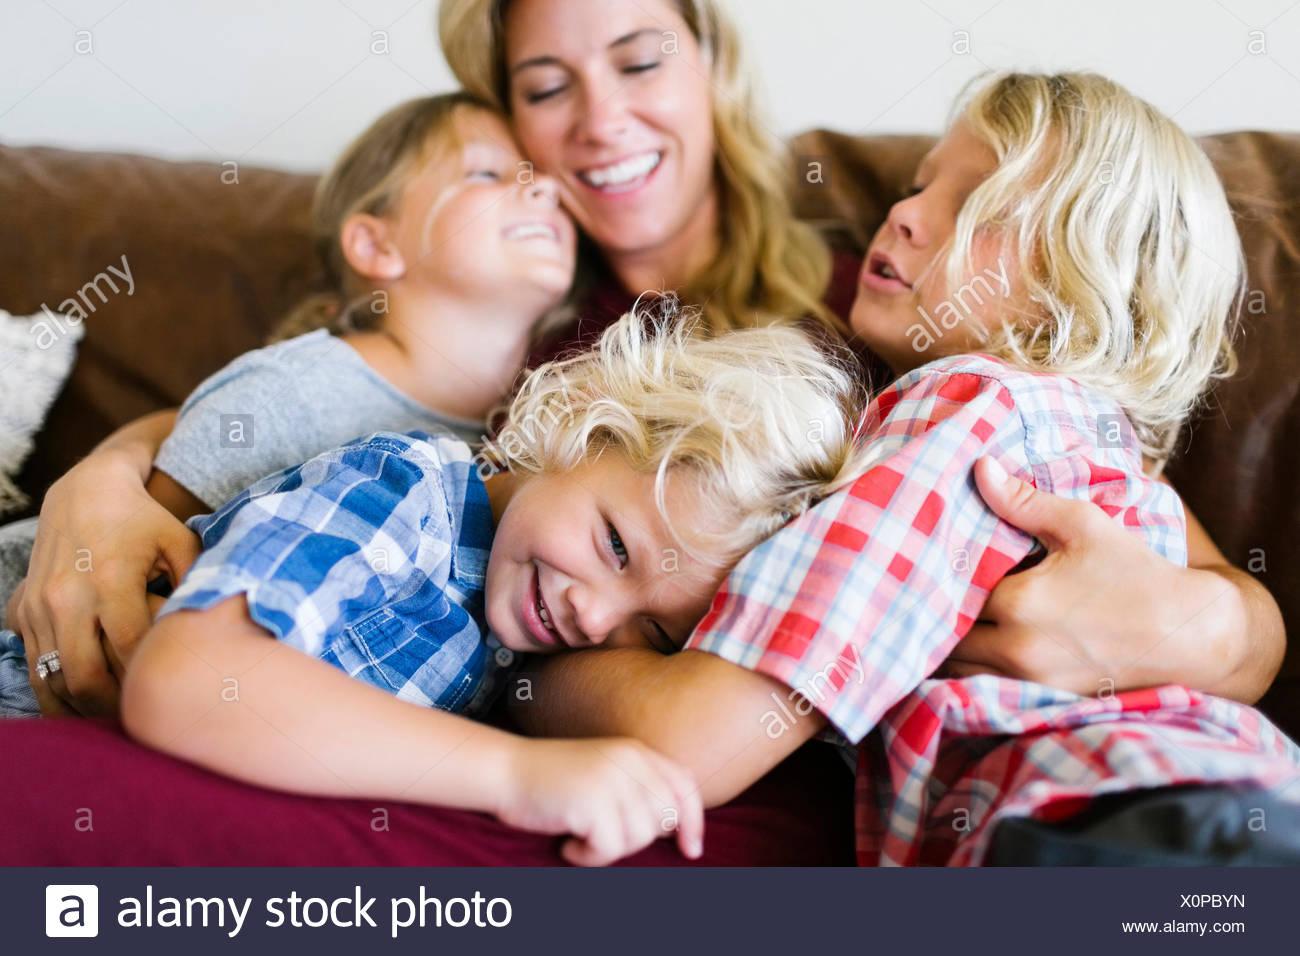 Madre e bambini (4-5, 6-7, 8-9) abbracciando in salotto Immagini Stock